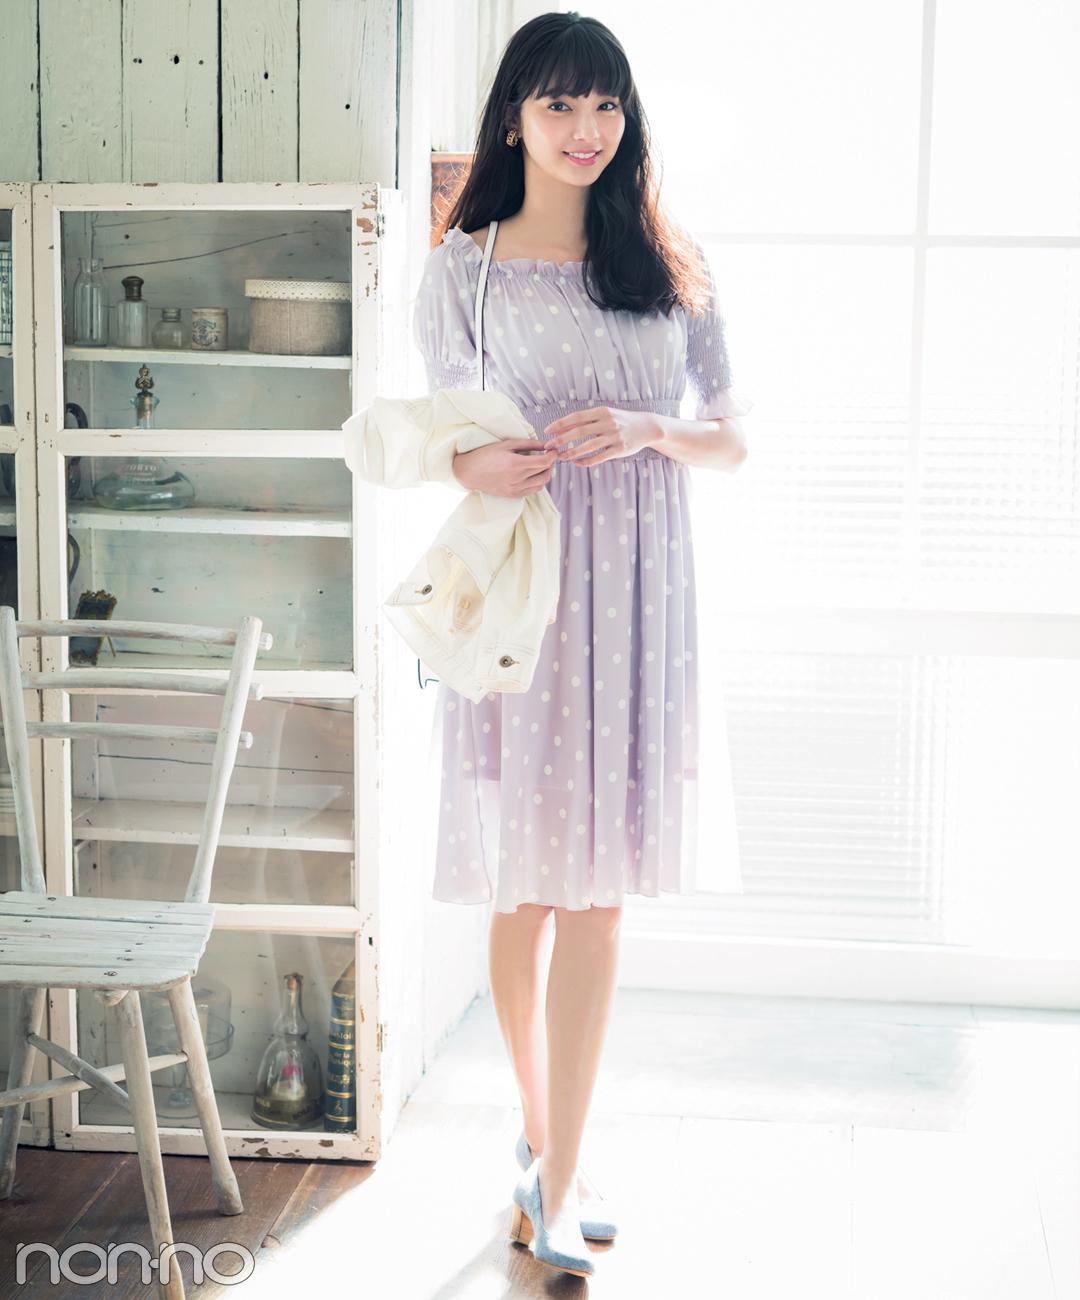 【夏のワンピースコーデ】新川優愛のロマンチックなデートコーデ